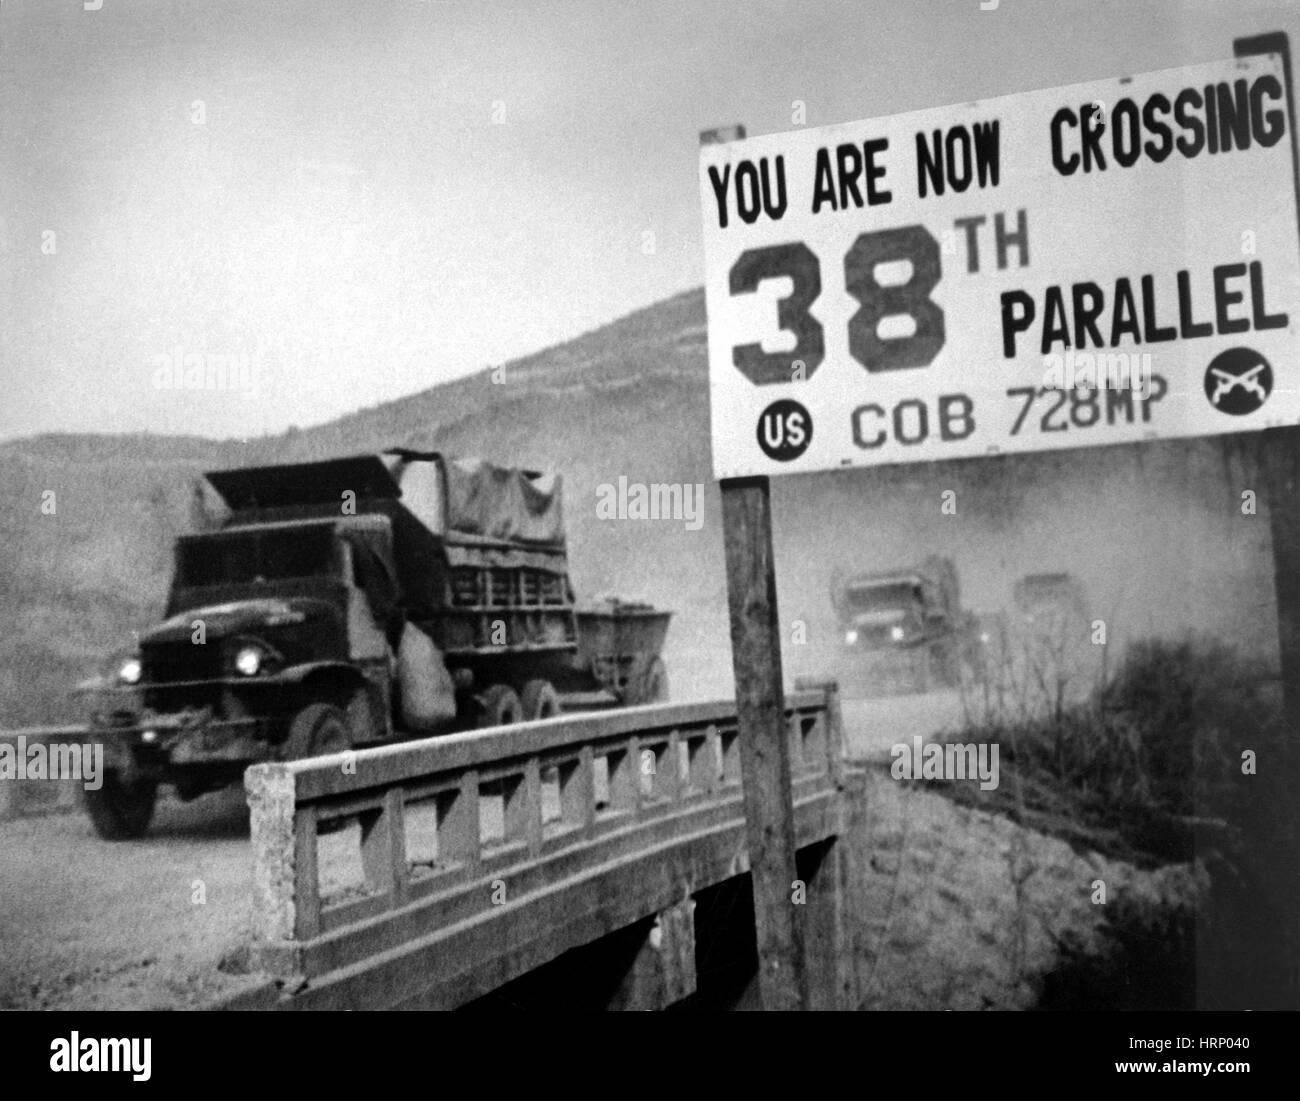 Korean War, 38th Parallel, 1950 - Stock Image